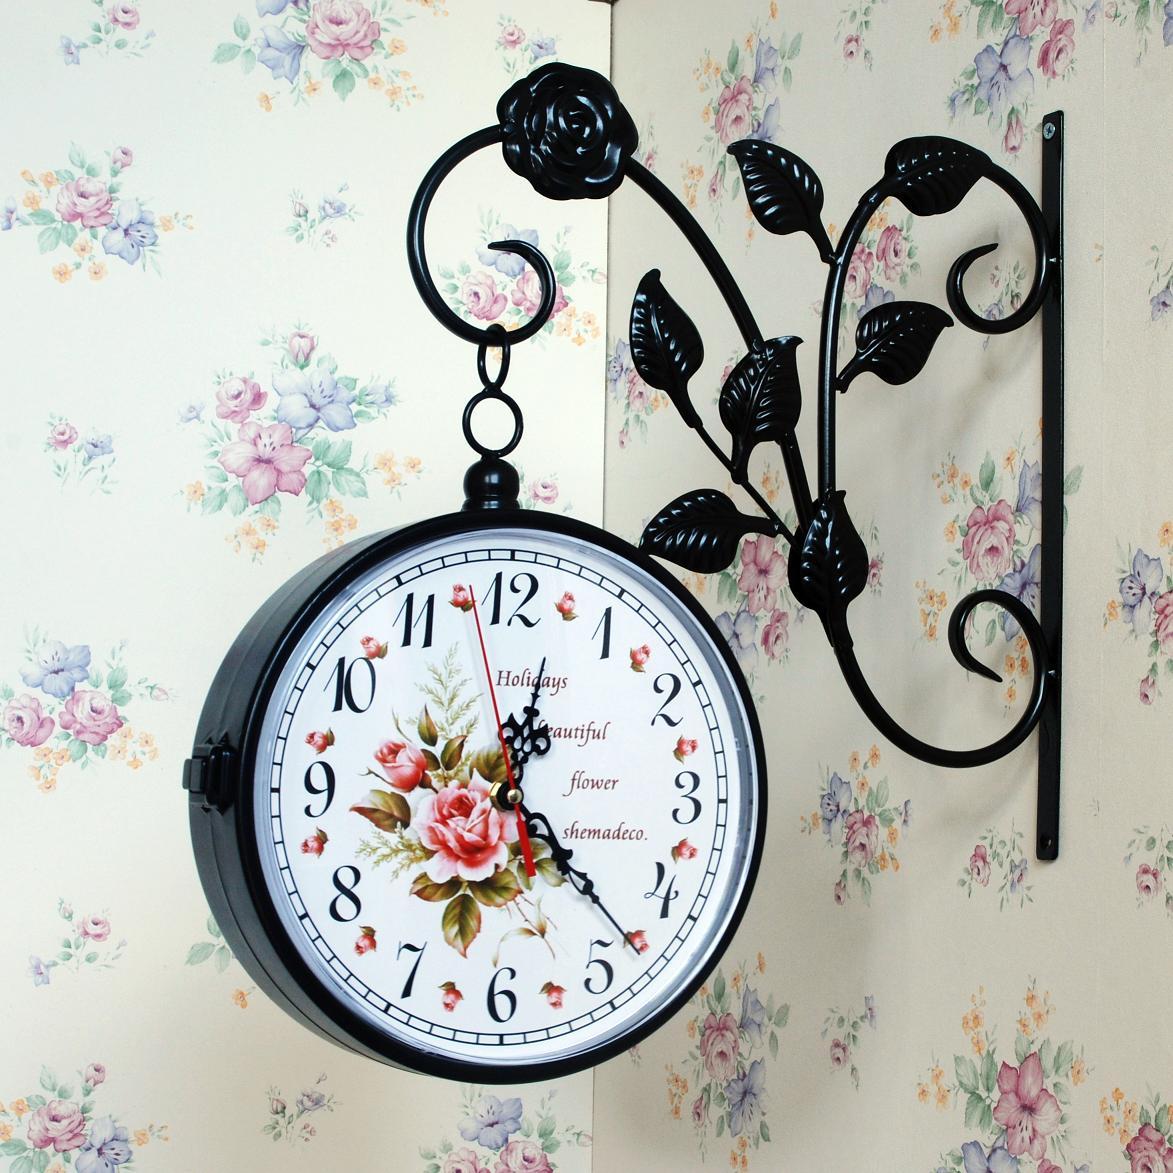 Настенные часы Двухсторонние Часы настенные часы из кованого железа немой творческих гостиной часы стиле современные специальные сельских Королева